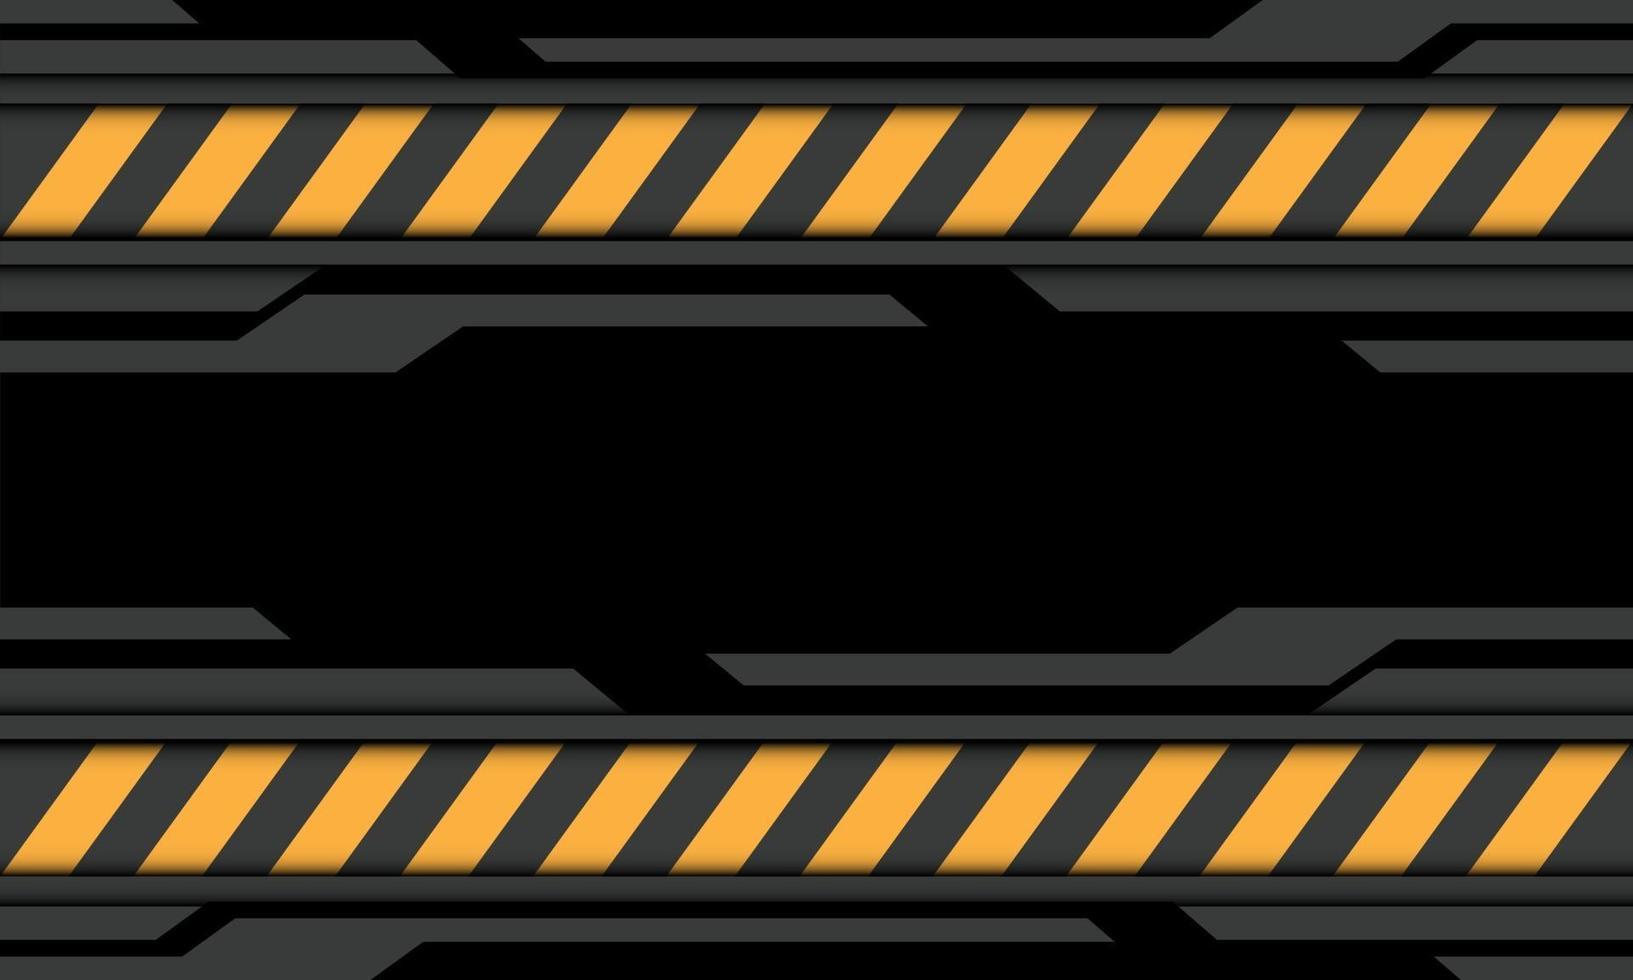 Resumen gris negro cyber línea amarilla precaución símbolo diseño moderno tecnología futurista fondo vector ilustración.